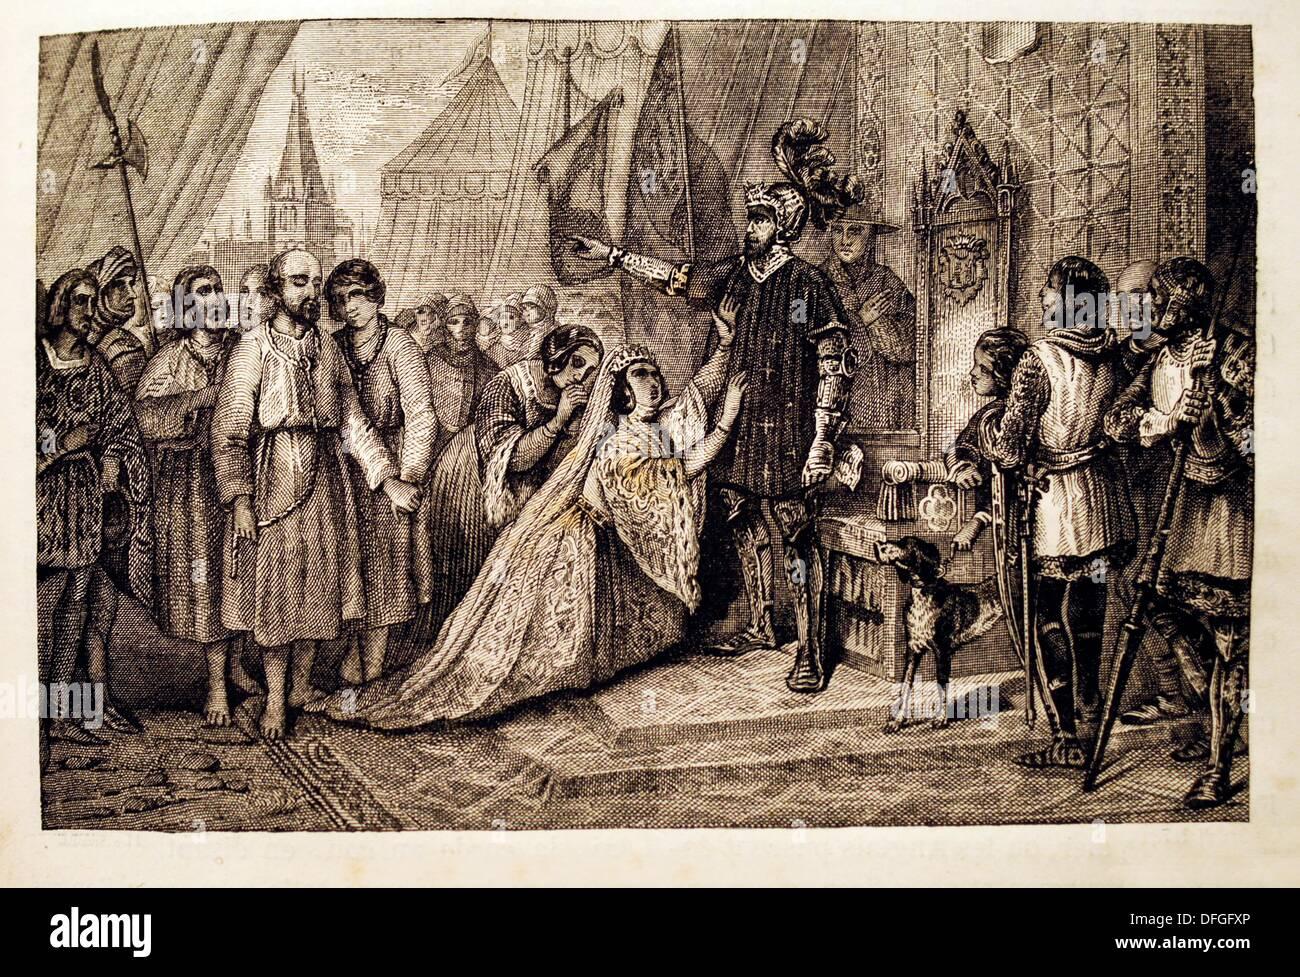 Frankreich-Geschichte-die Bürger von Calais nur Bourgeois de Calais´ im  Jahre 1347 während dem Krieg hundert, bei Calais, eine